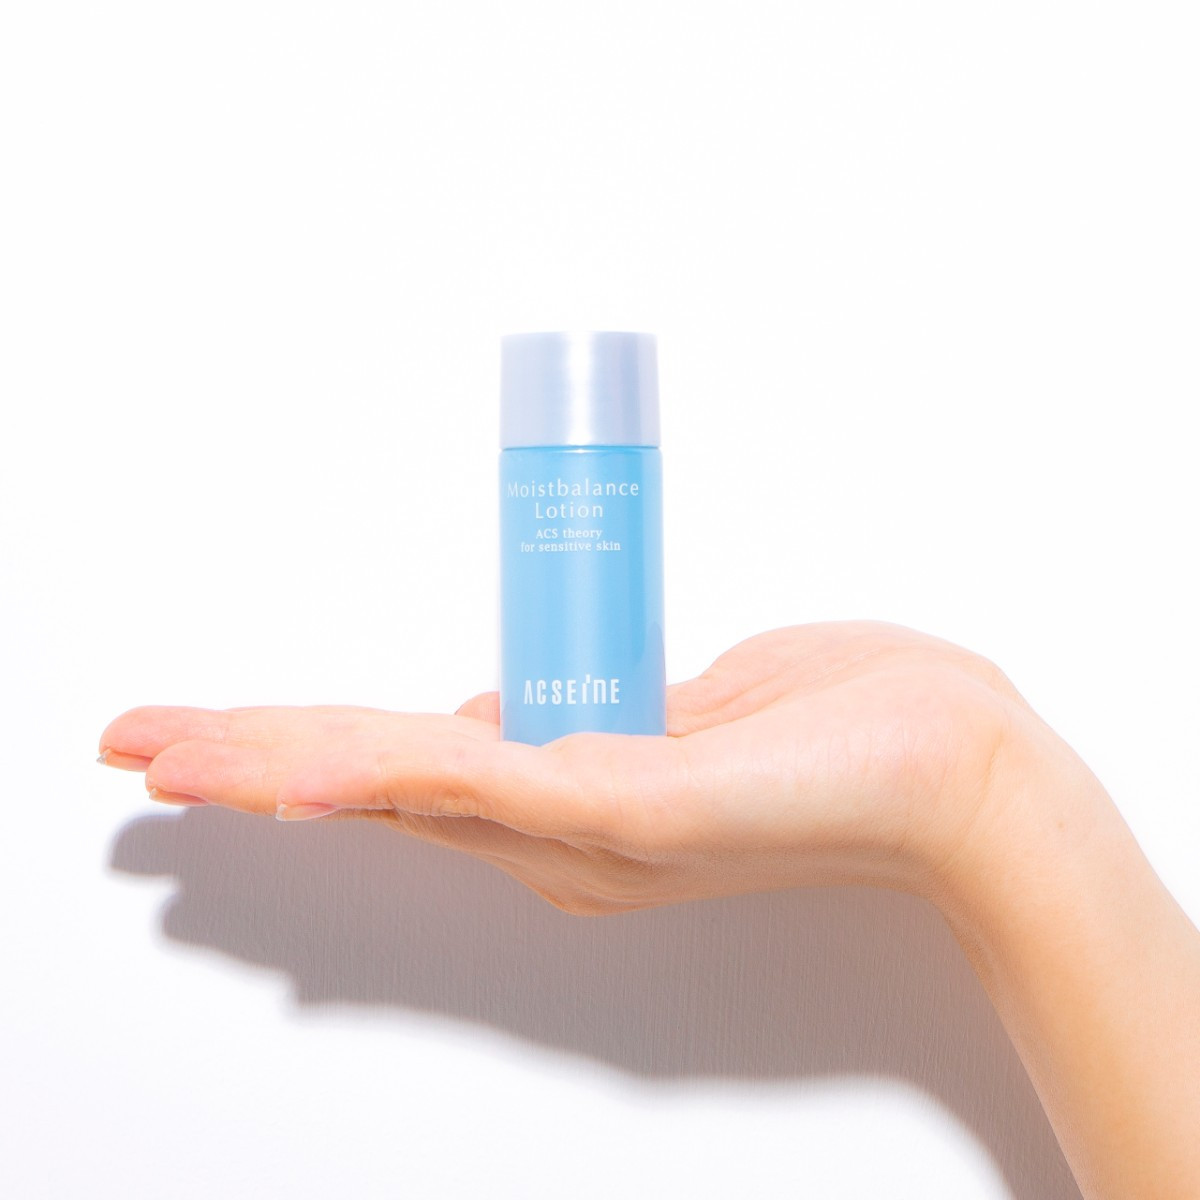 乾き知らずの肌へ! 敏感肌にも安心なアクセーヌの化粧水【ちいサンプル】_1_2